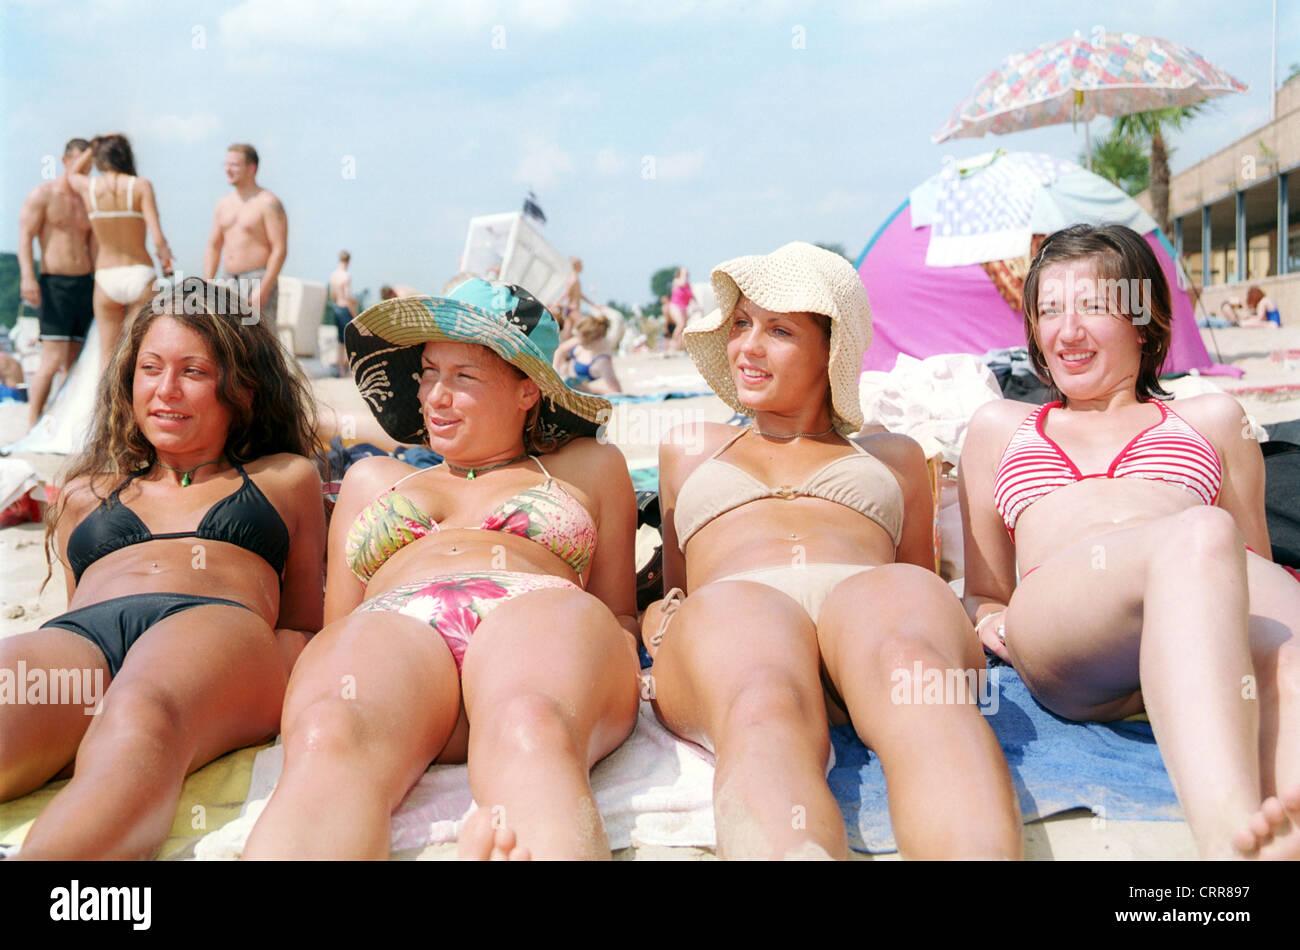 Photos Of Women Sunbathing Naked 79